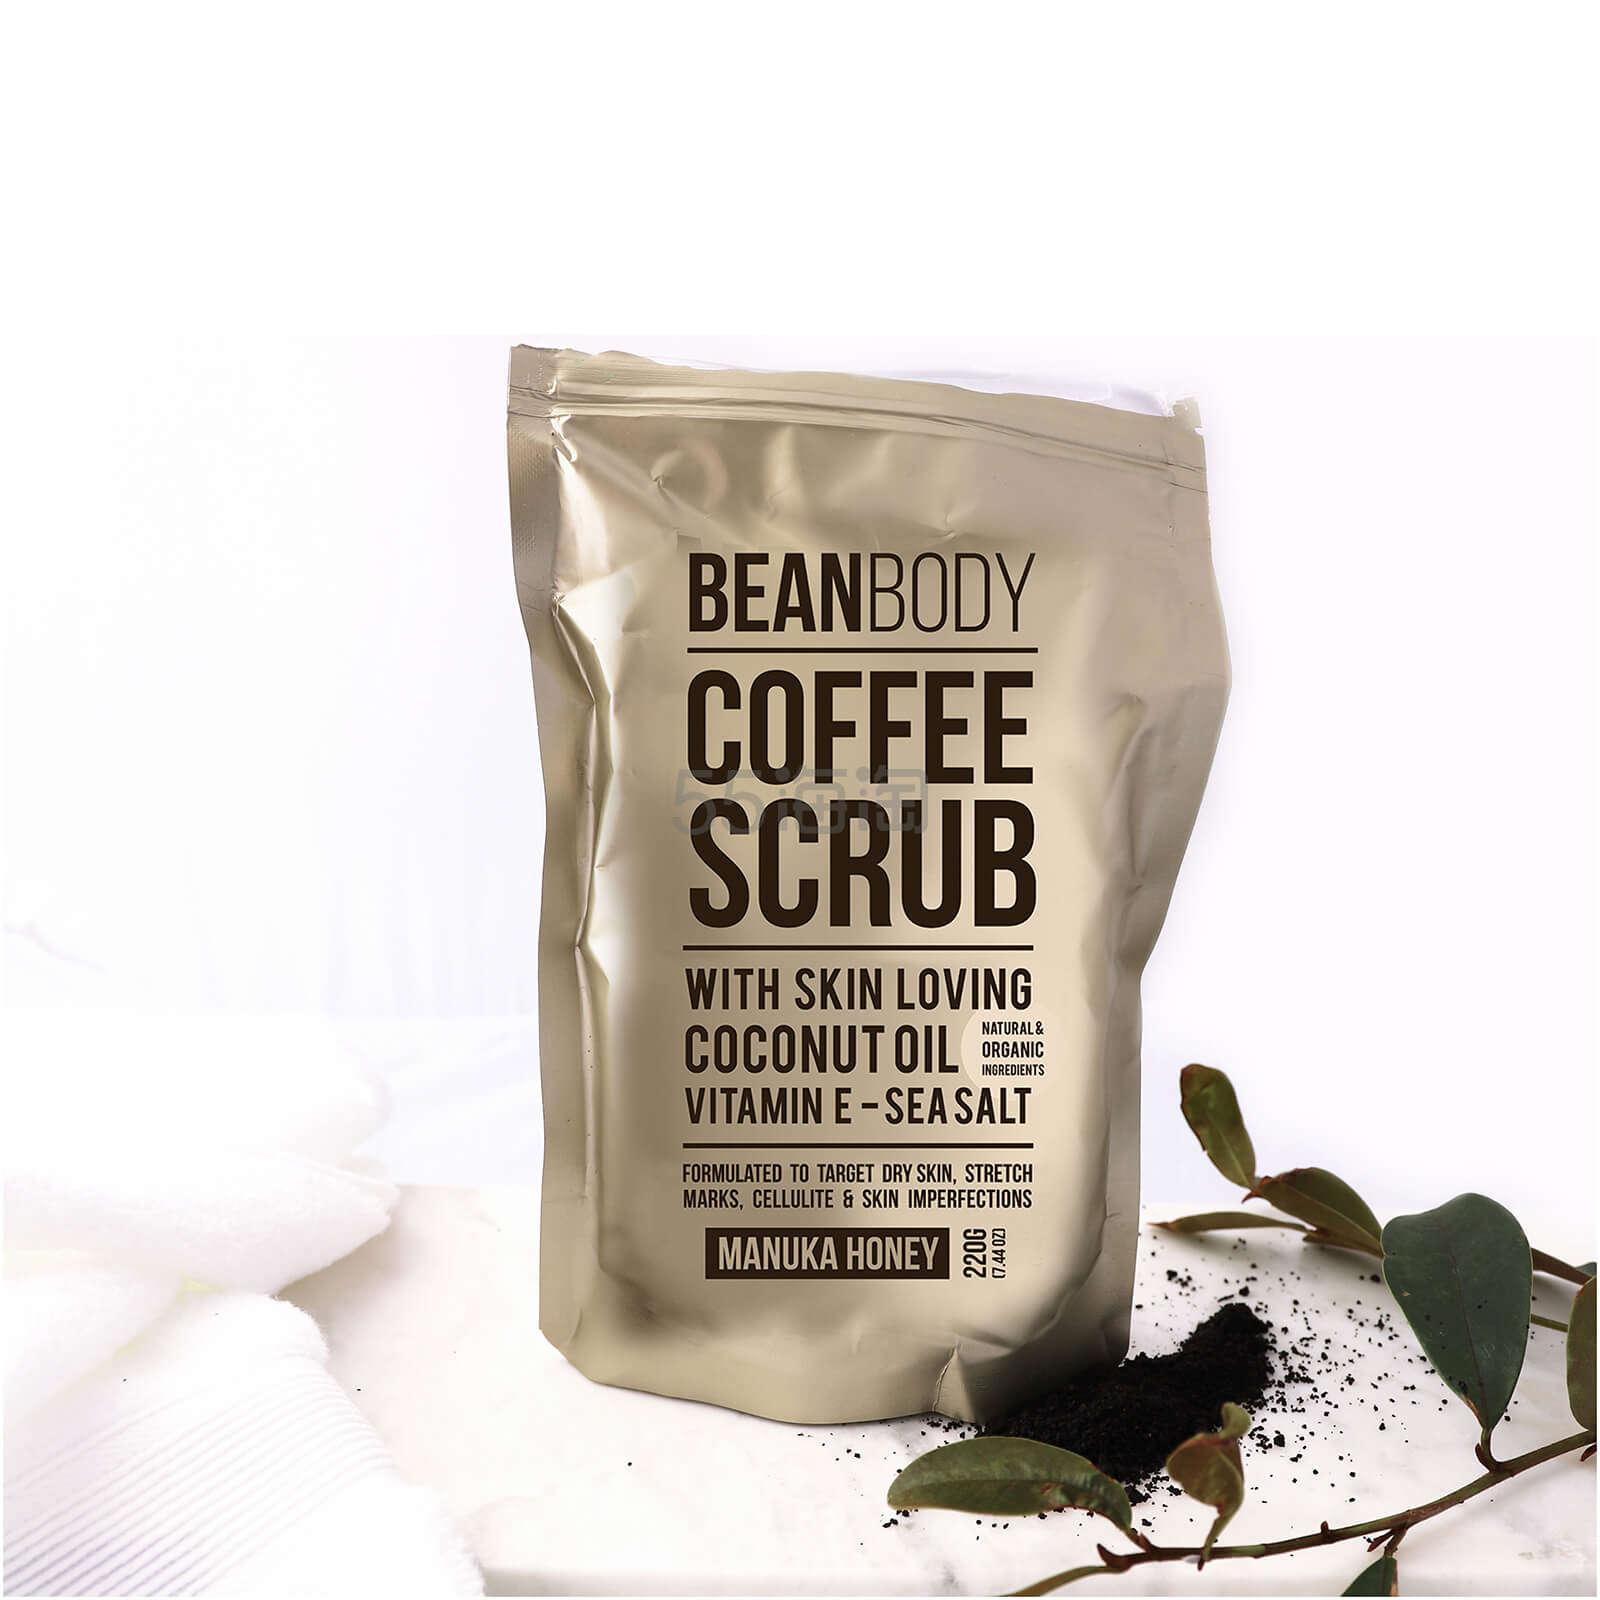 Bean Body 咖啡豆身体磨砂膏 麦卡卢蜂蜜 220g £10.47(约90元) - 海淘优惠海淘折扣|55海淘网